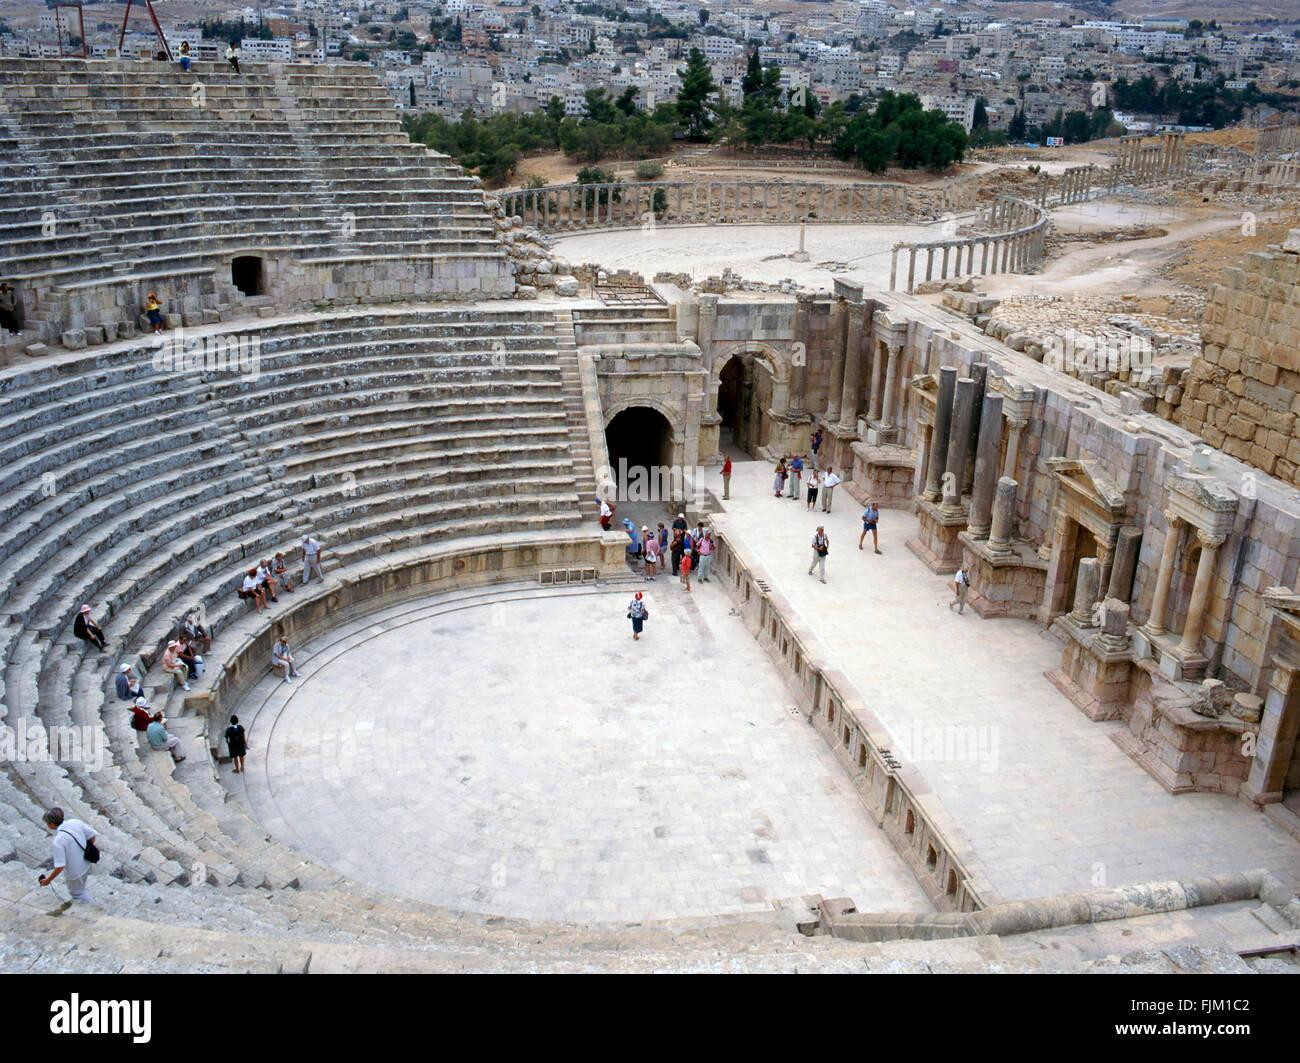 Rovine di Jerash, città romana nei pressi di Amman in Giordania Immagini Stock